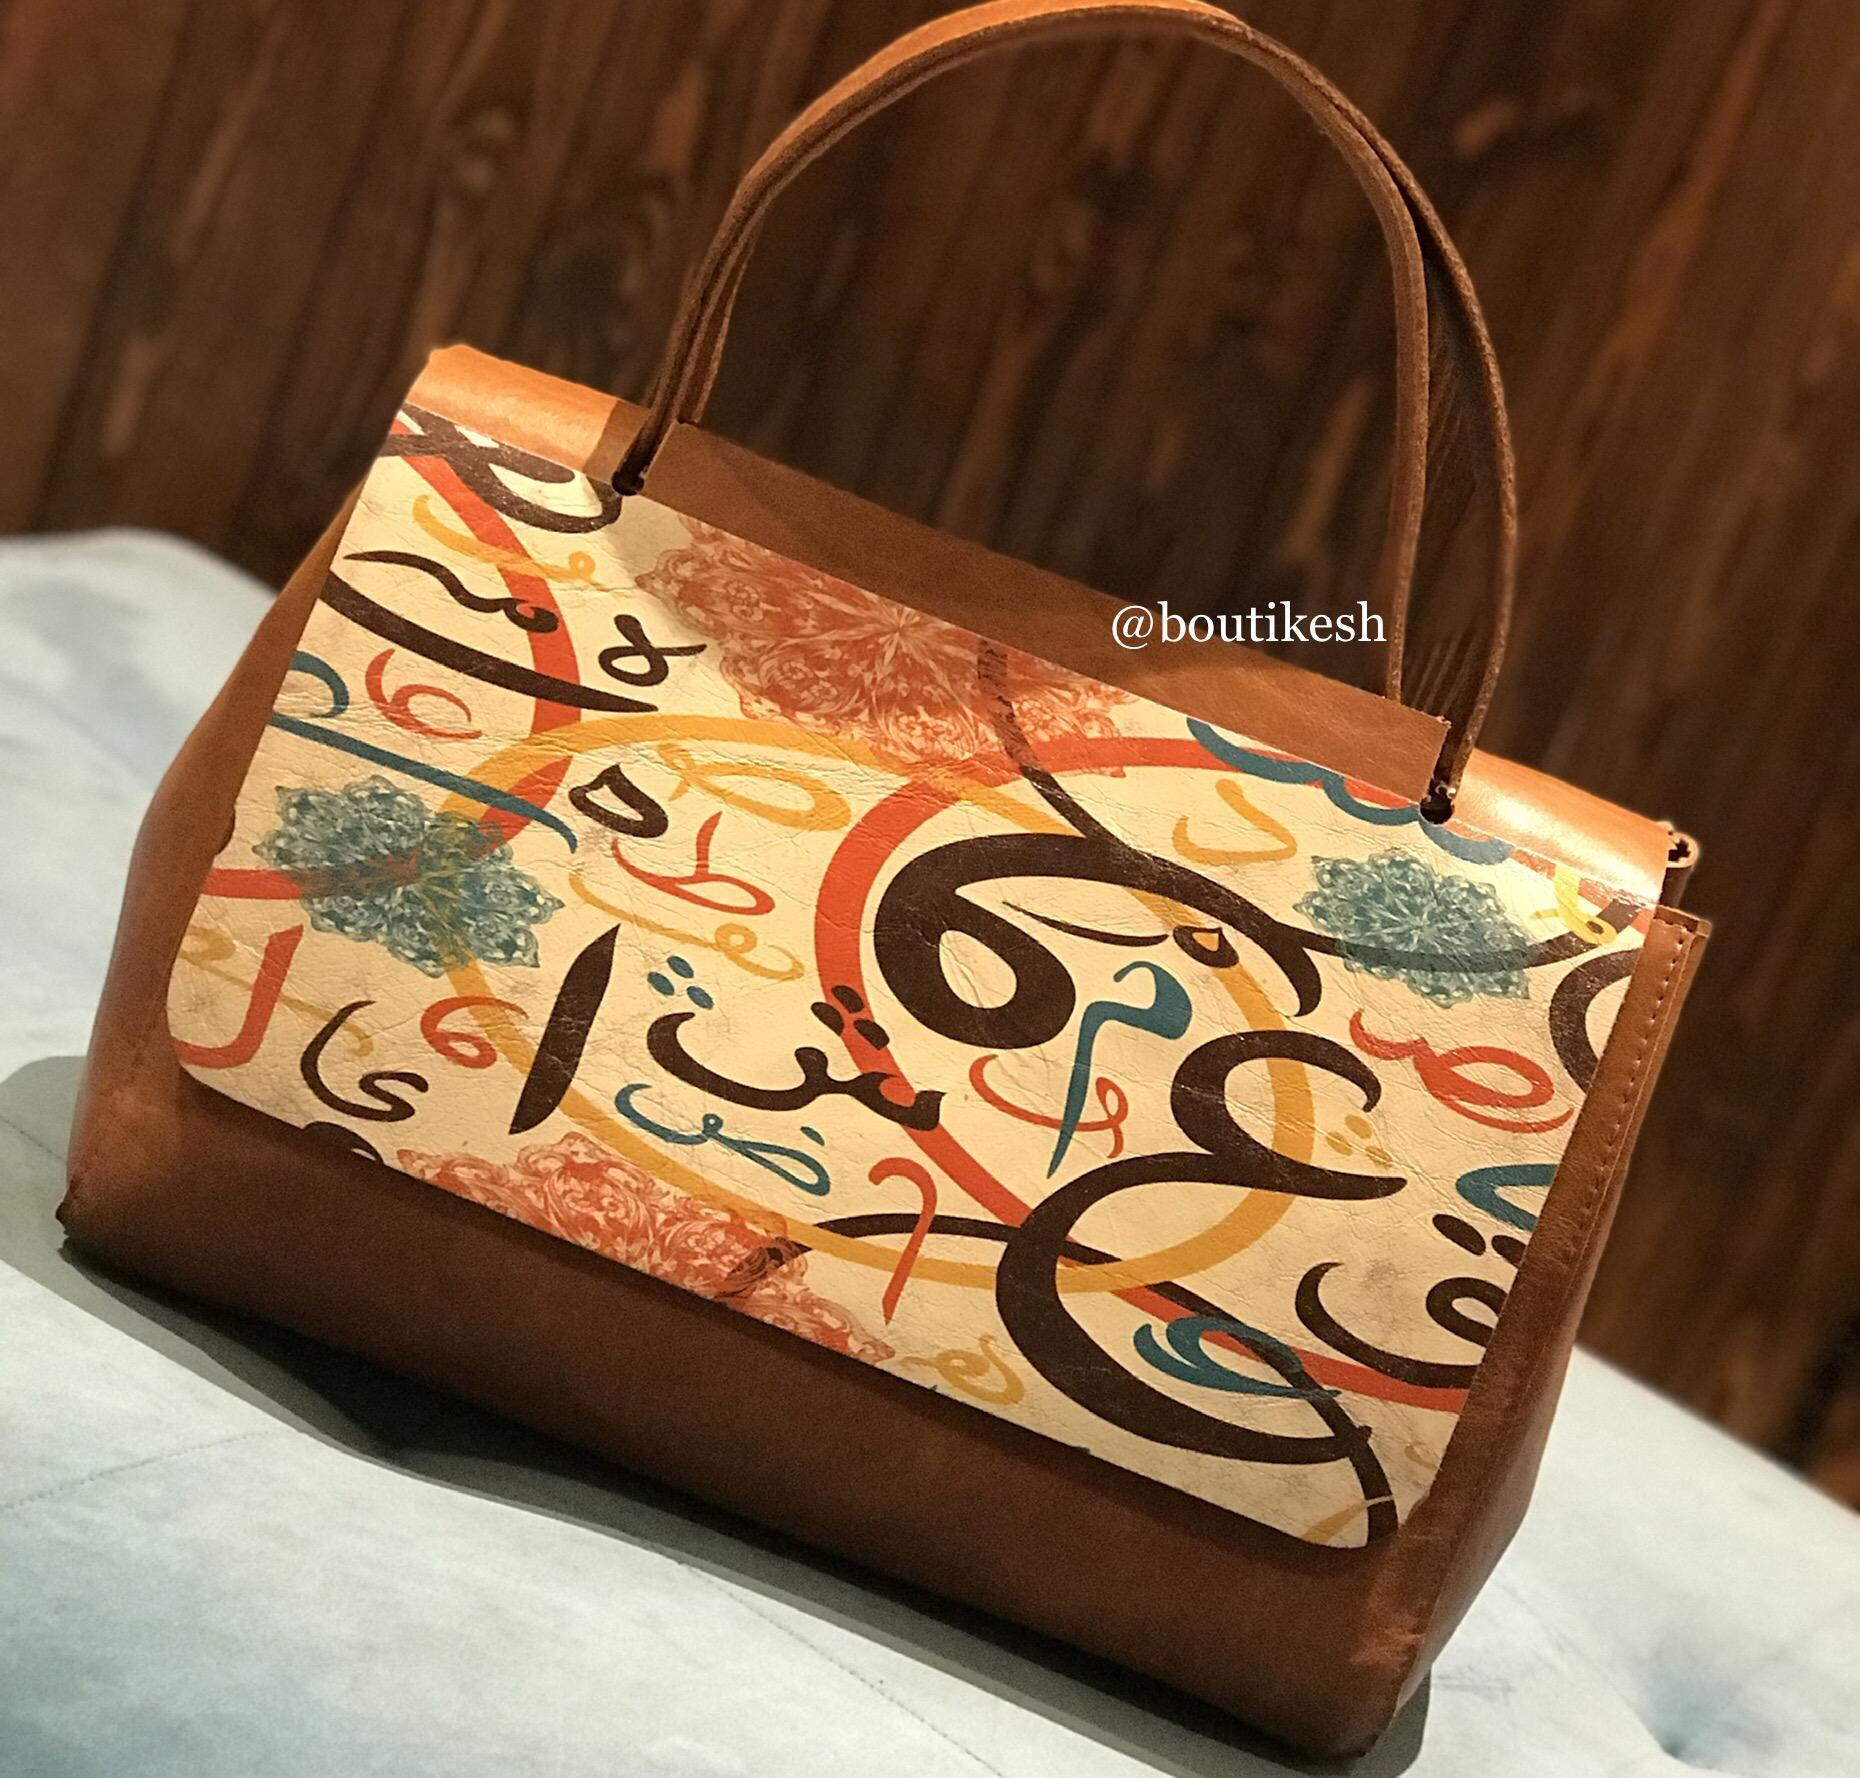 Sac entièrement cuir peint calligraphie arabe avec anse ajustable